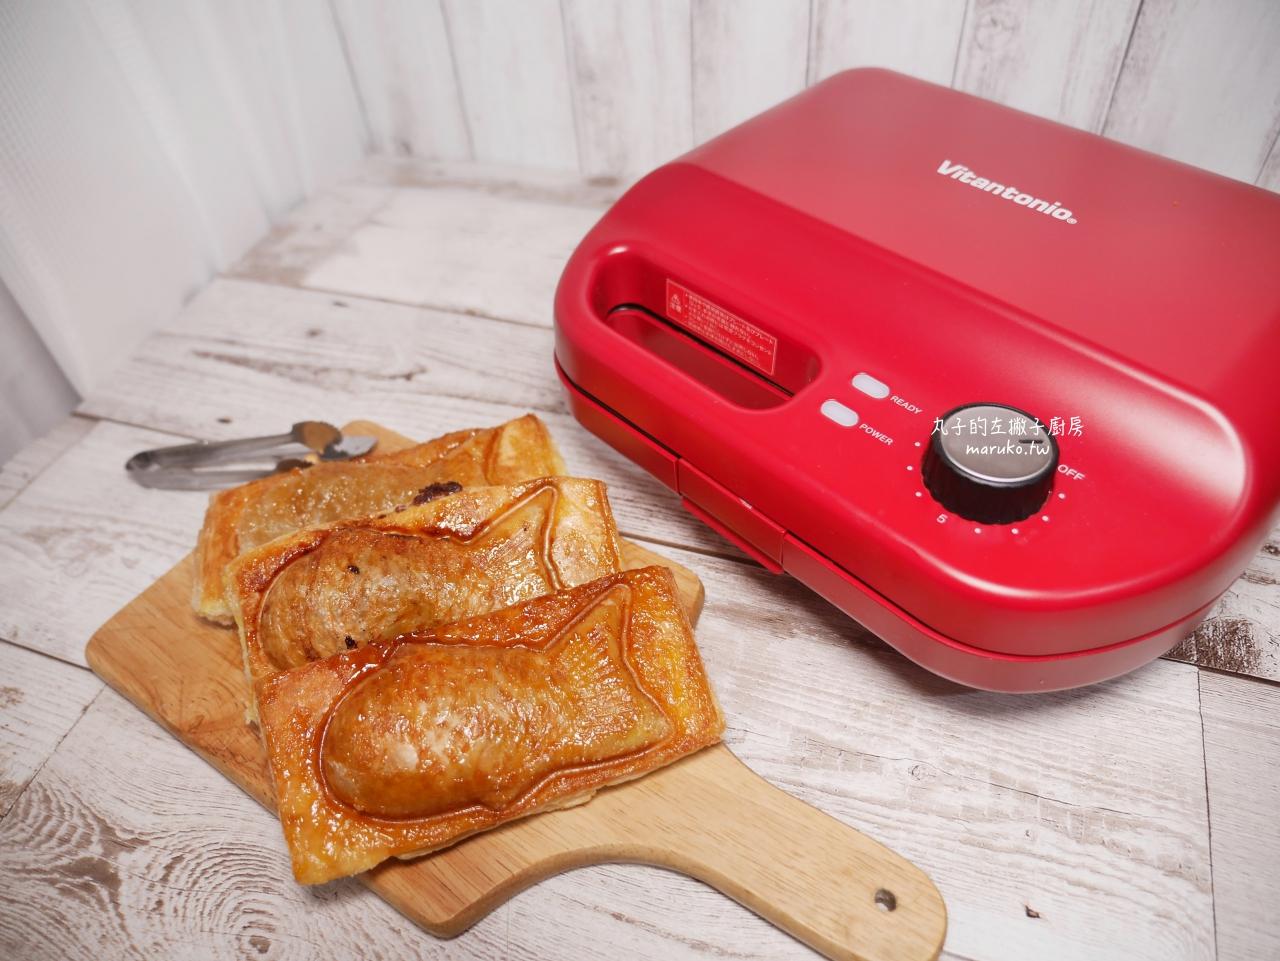 【食譜】可頌鯛魚燒 用起酥皮自製紅豆可頌鯛魚燒 鯛魚燒烤盤鬆餅機食譜